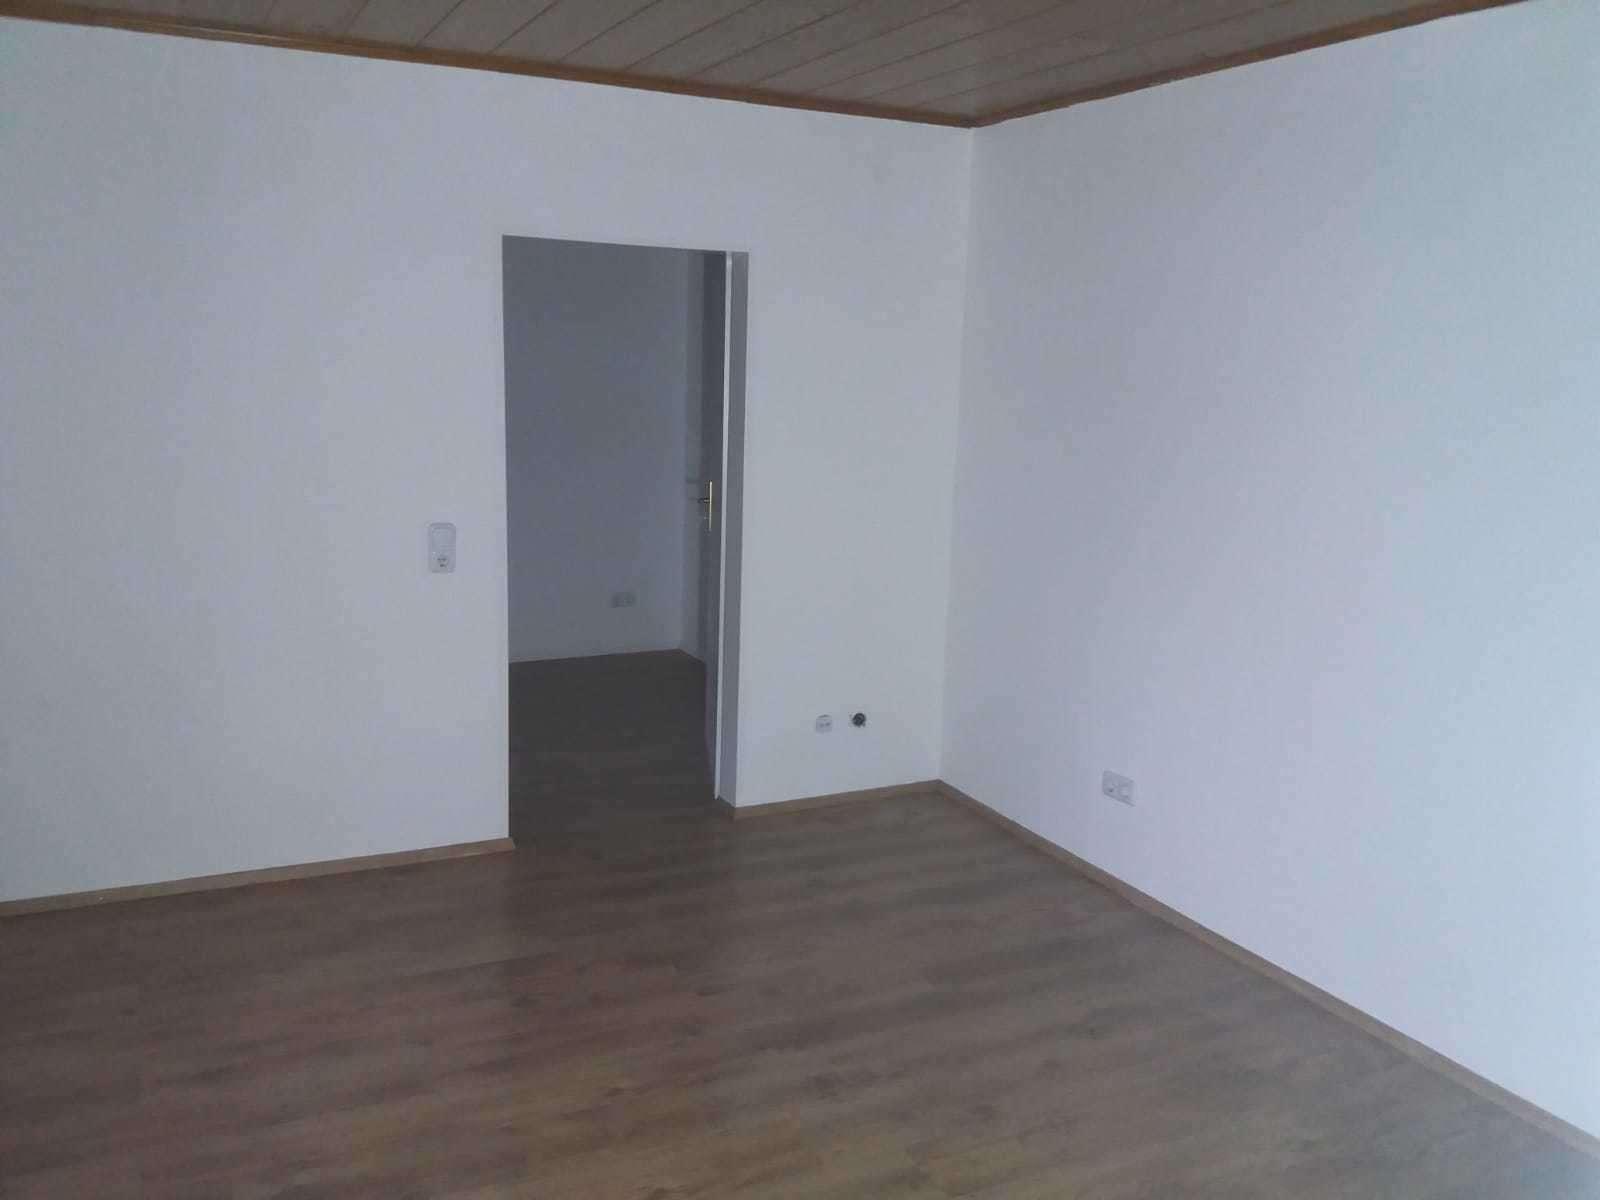 Schöne 2-Zimmer Wohnung im Glockenhof in Glockenhof (Nürnberg)